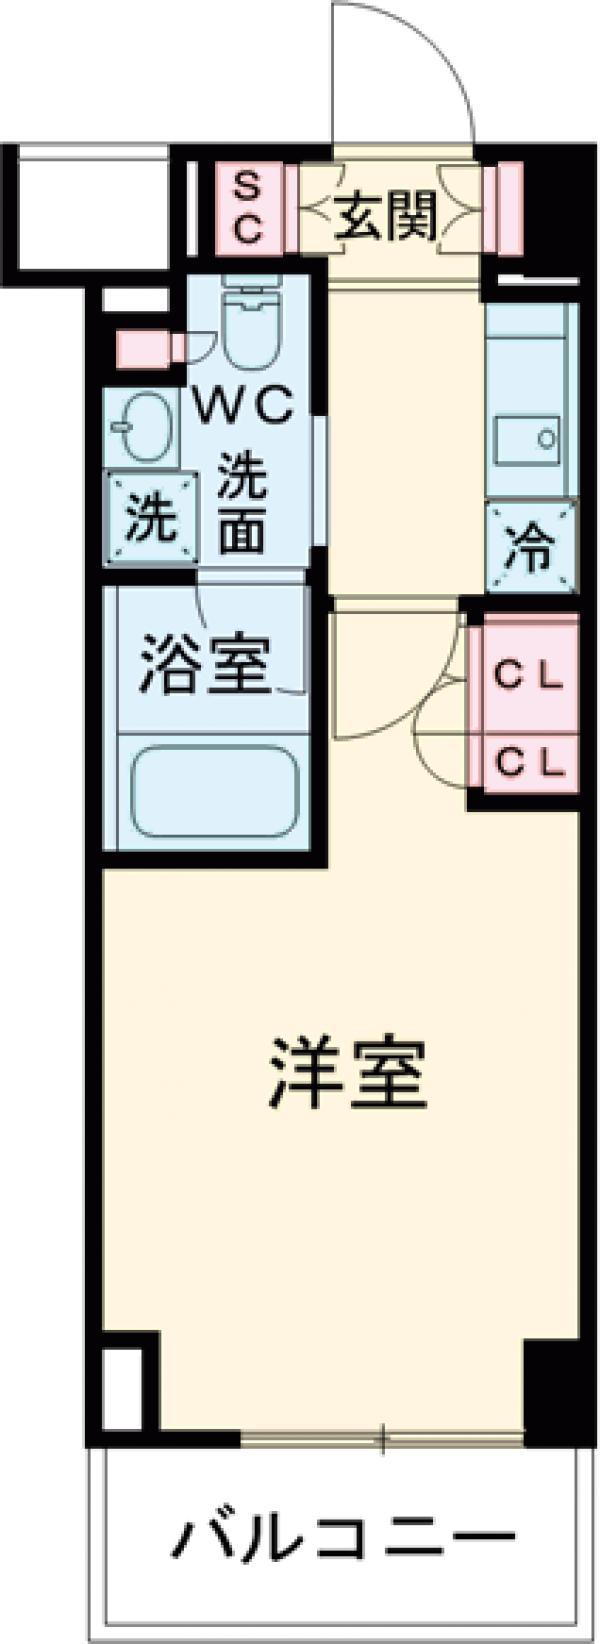 プラウドフラット西早稲田・603号室の間取り